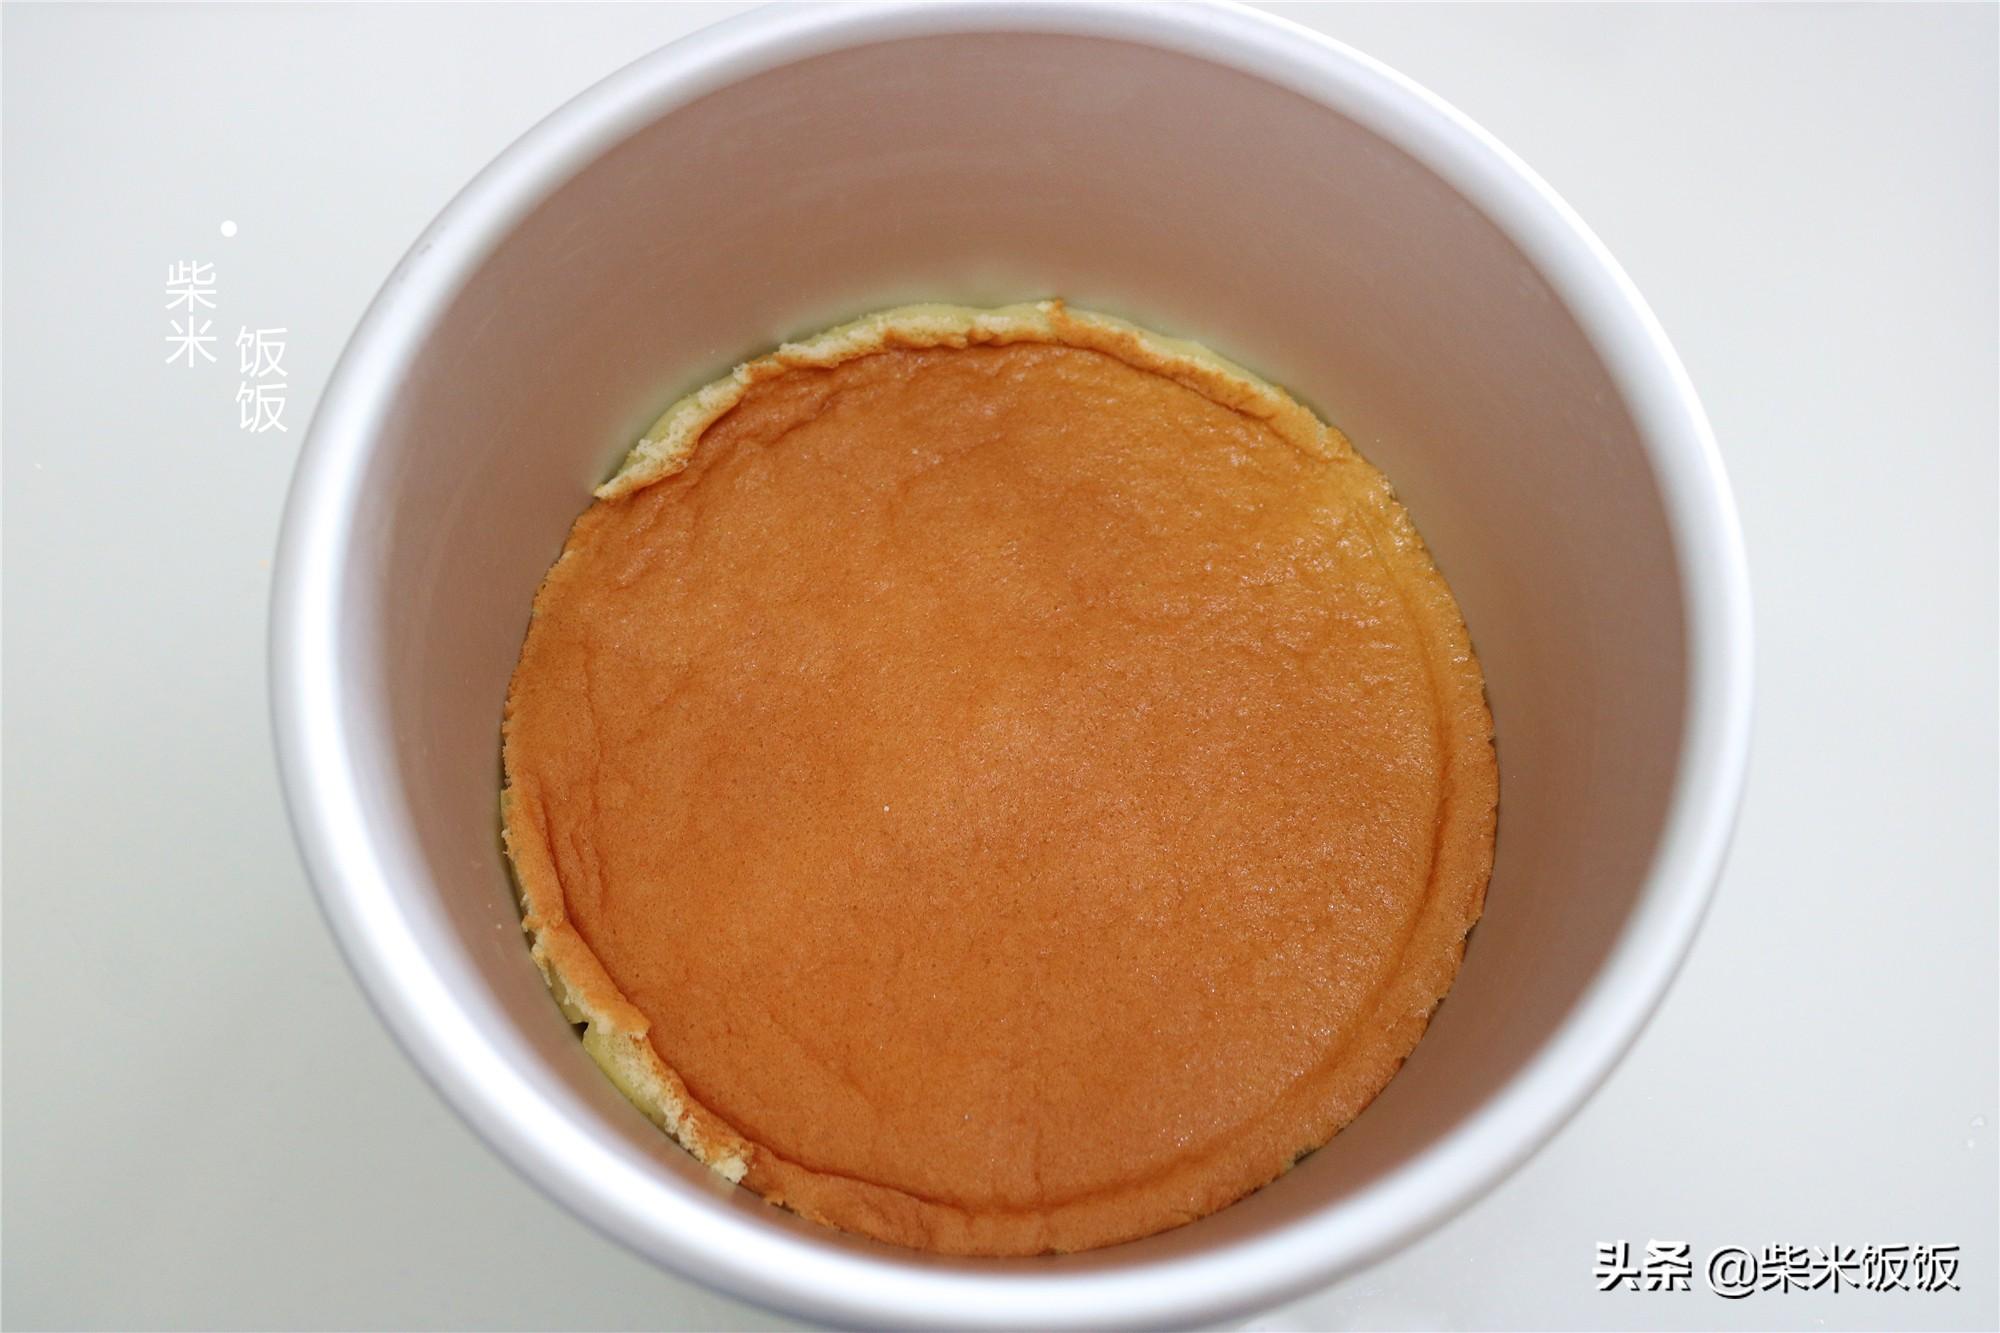 蛋糕这样做,入口即化,清凉解暑,夏天吃它,比吃雪糕还过瘾